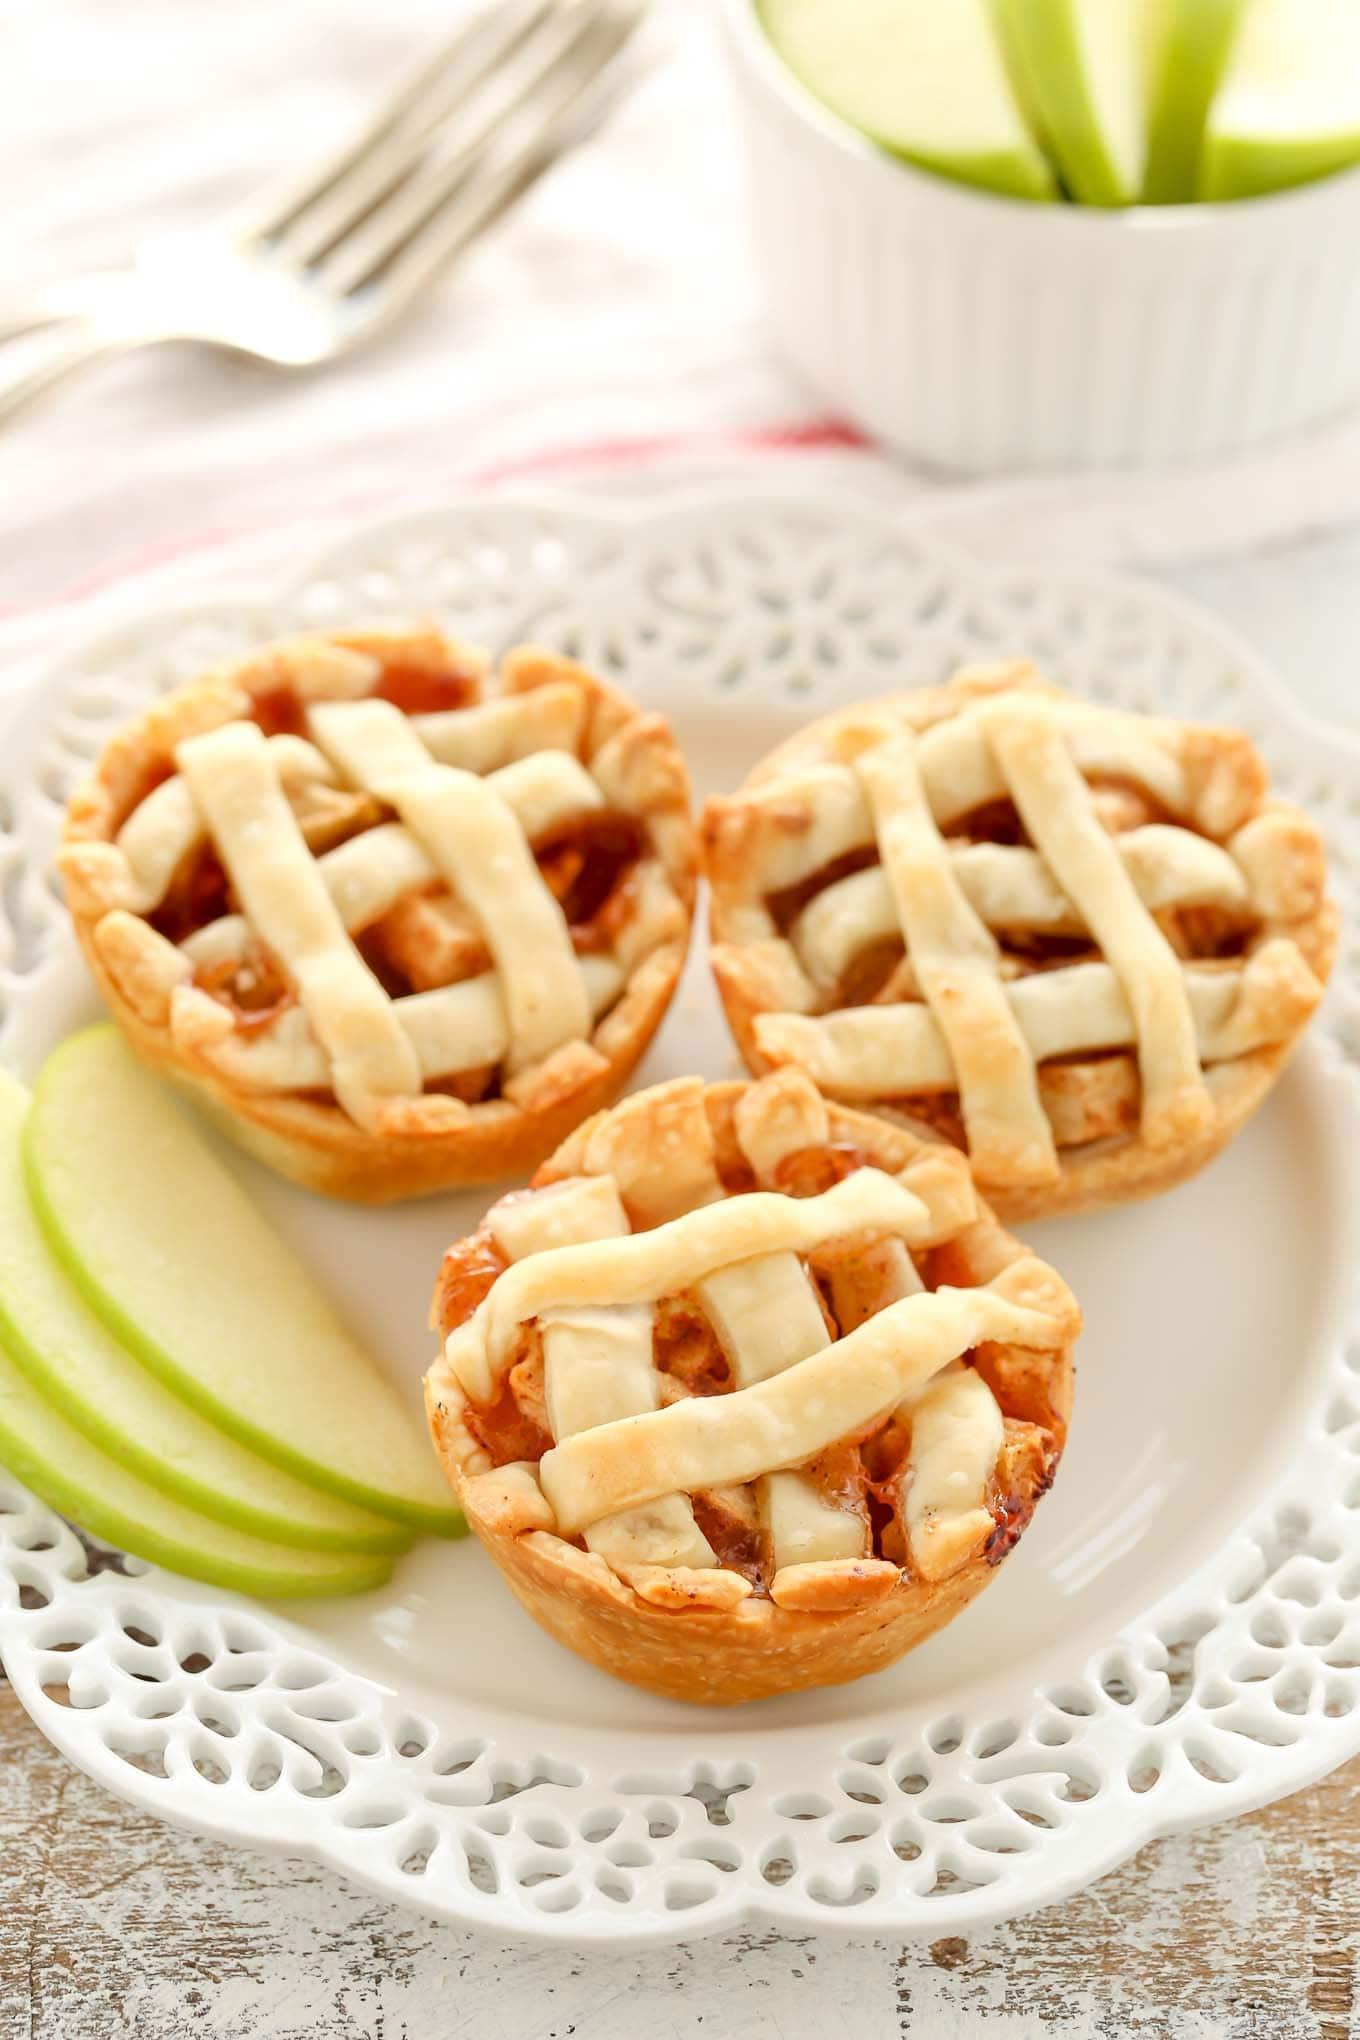 Best apple pie filling recipe from scratch